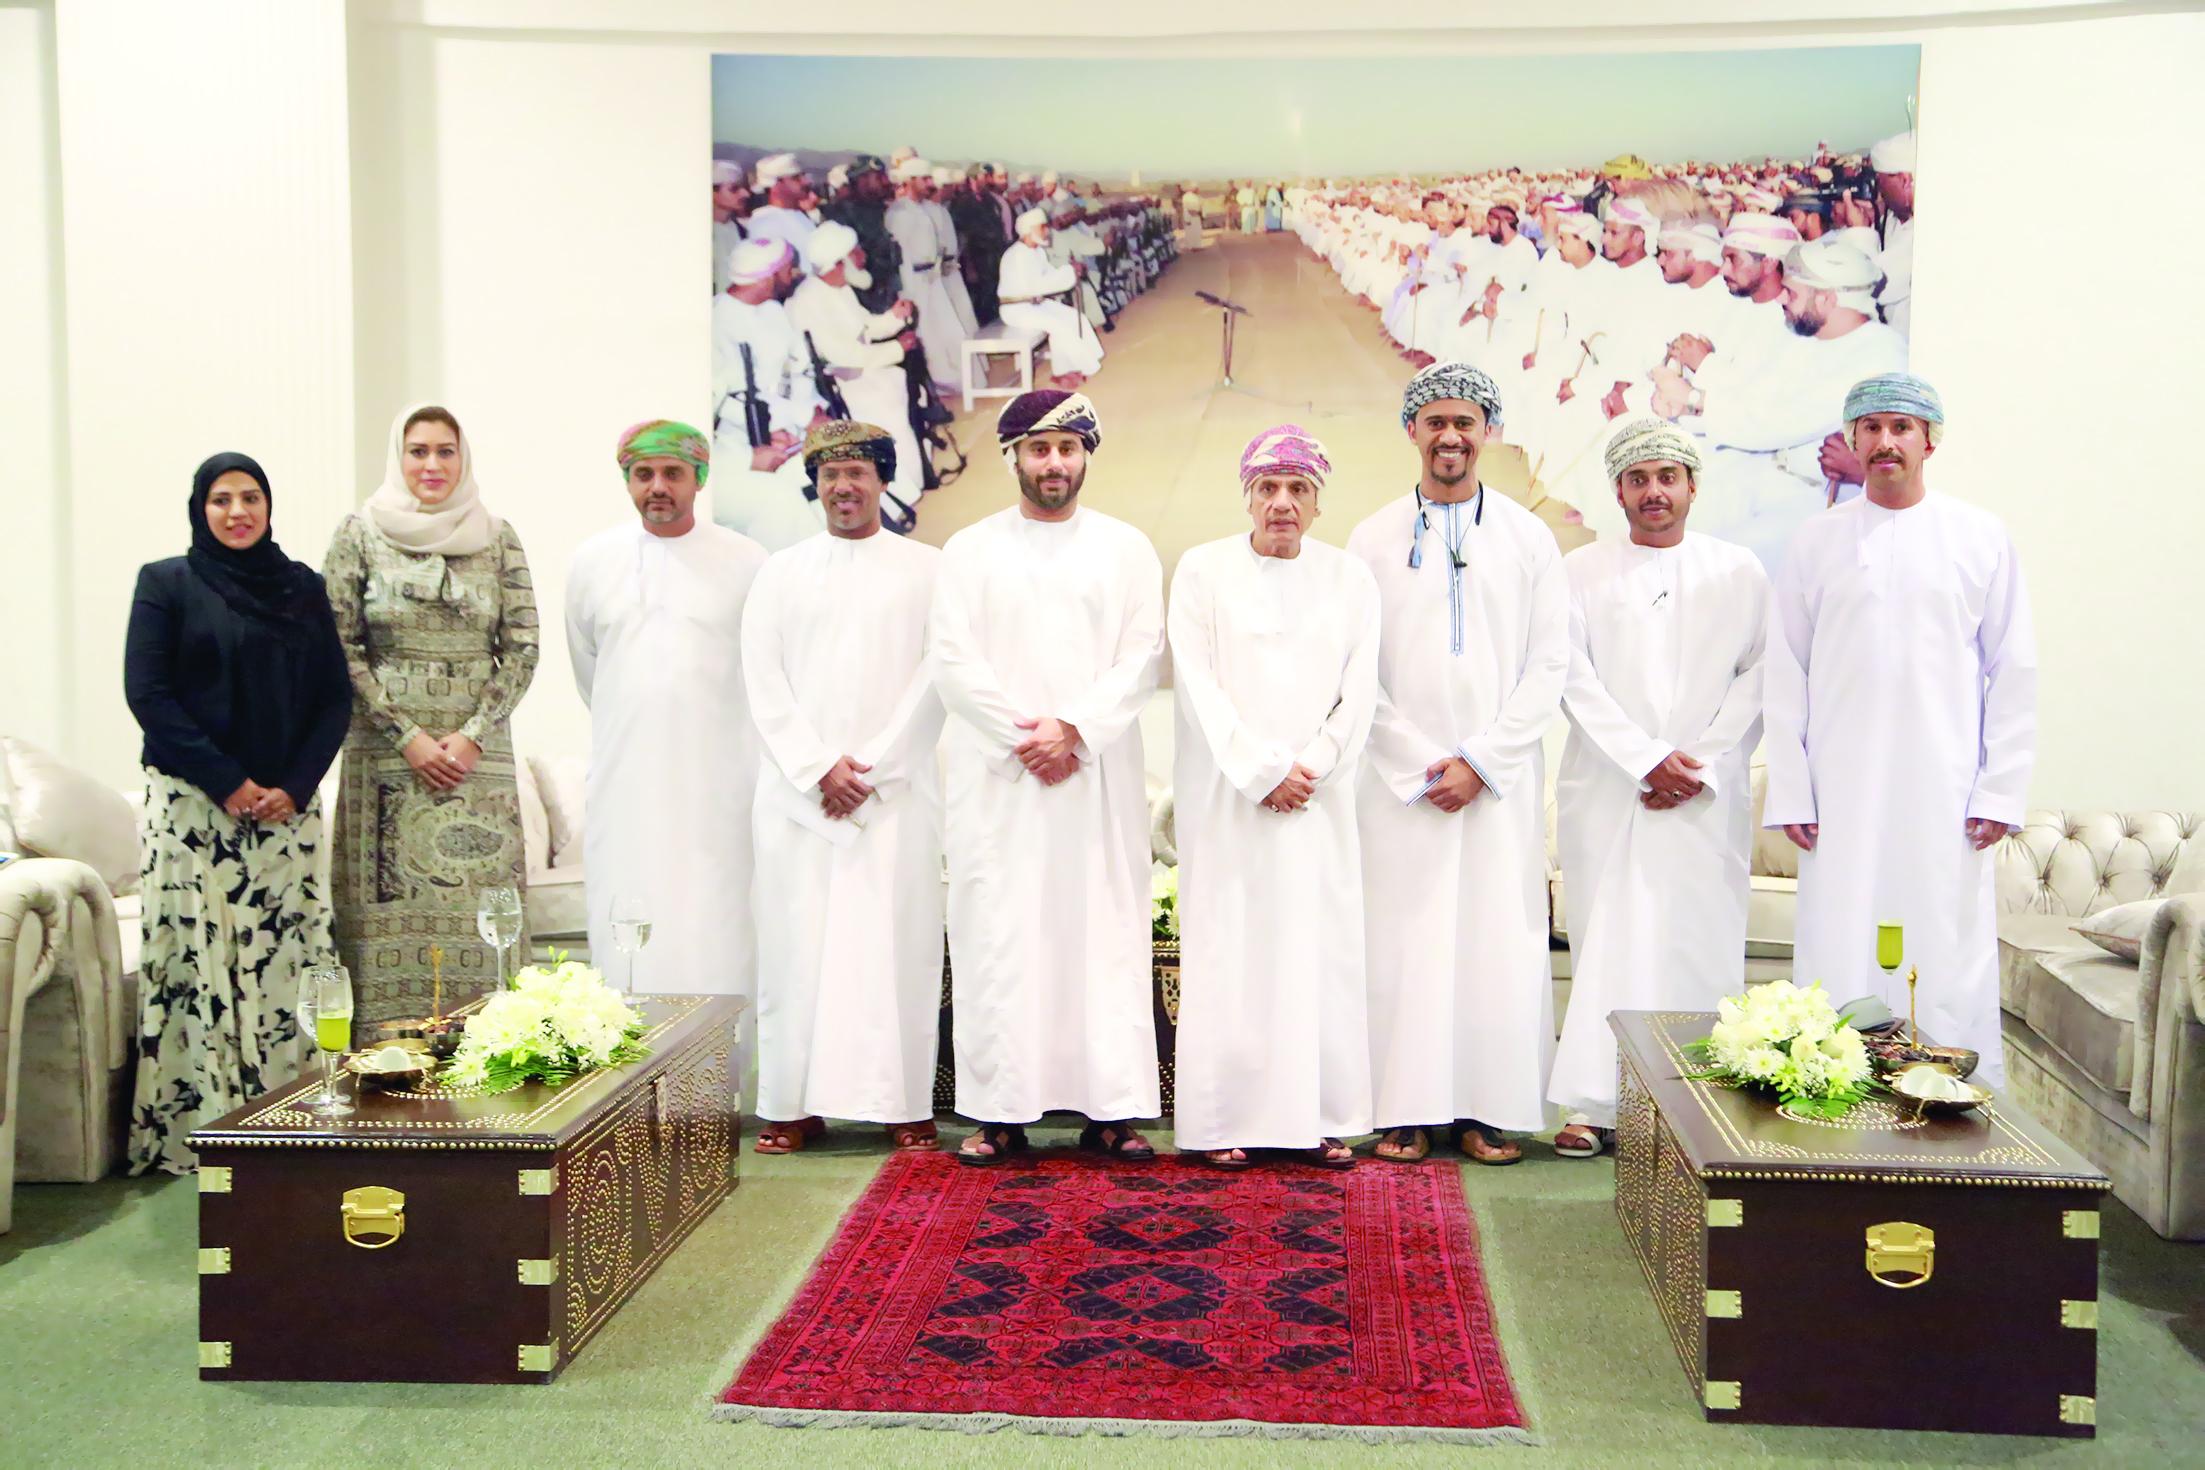 د.أدهم بن تركي آل سعيد رئيسًا لمجلس أمناء كلية مسقط